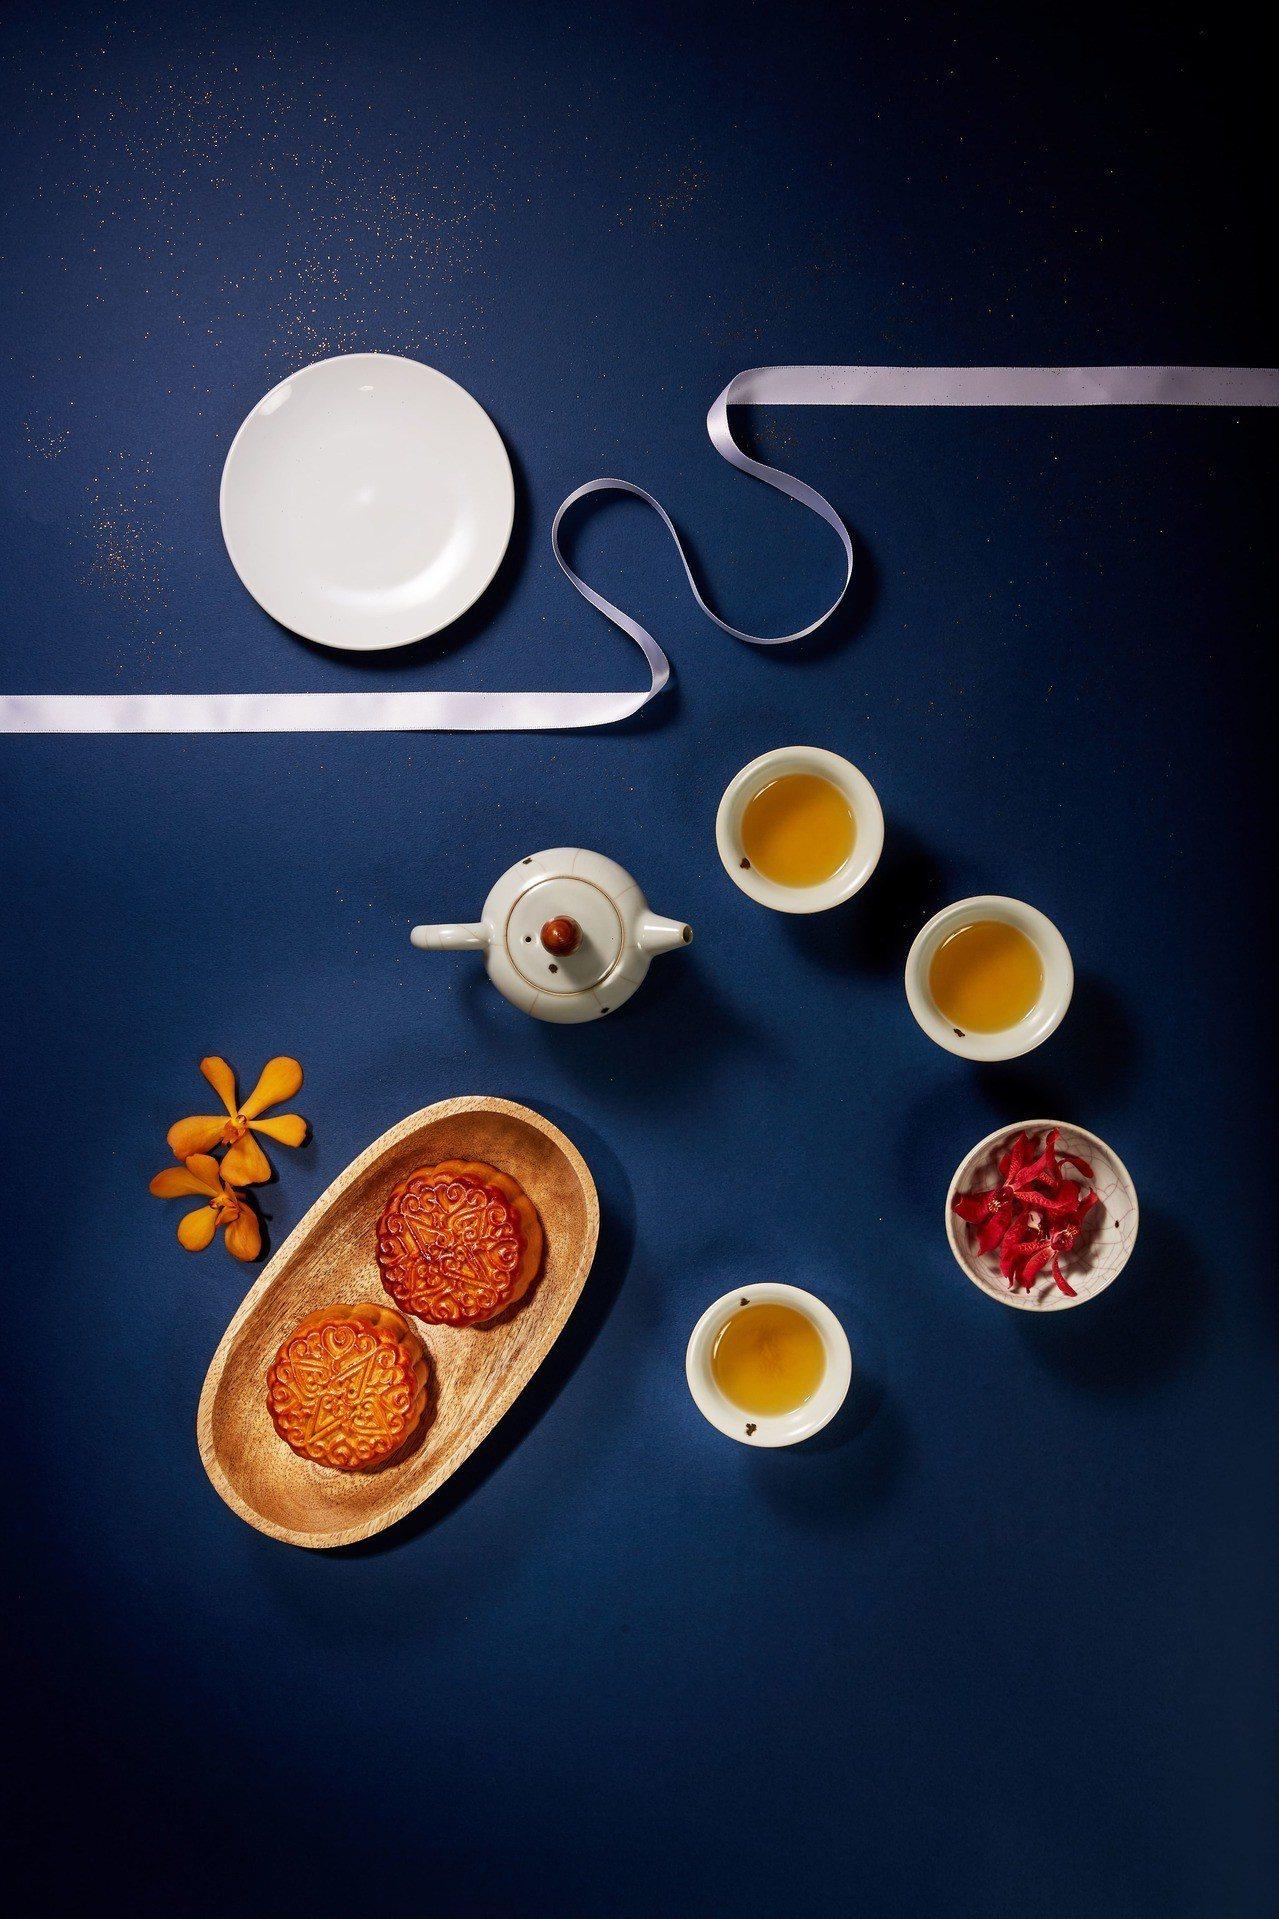 國賓大飯店去年榮登「月餅王」,販售超過27萬顆月餅。圖/國賓飯店集團提供